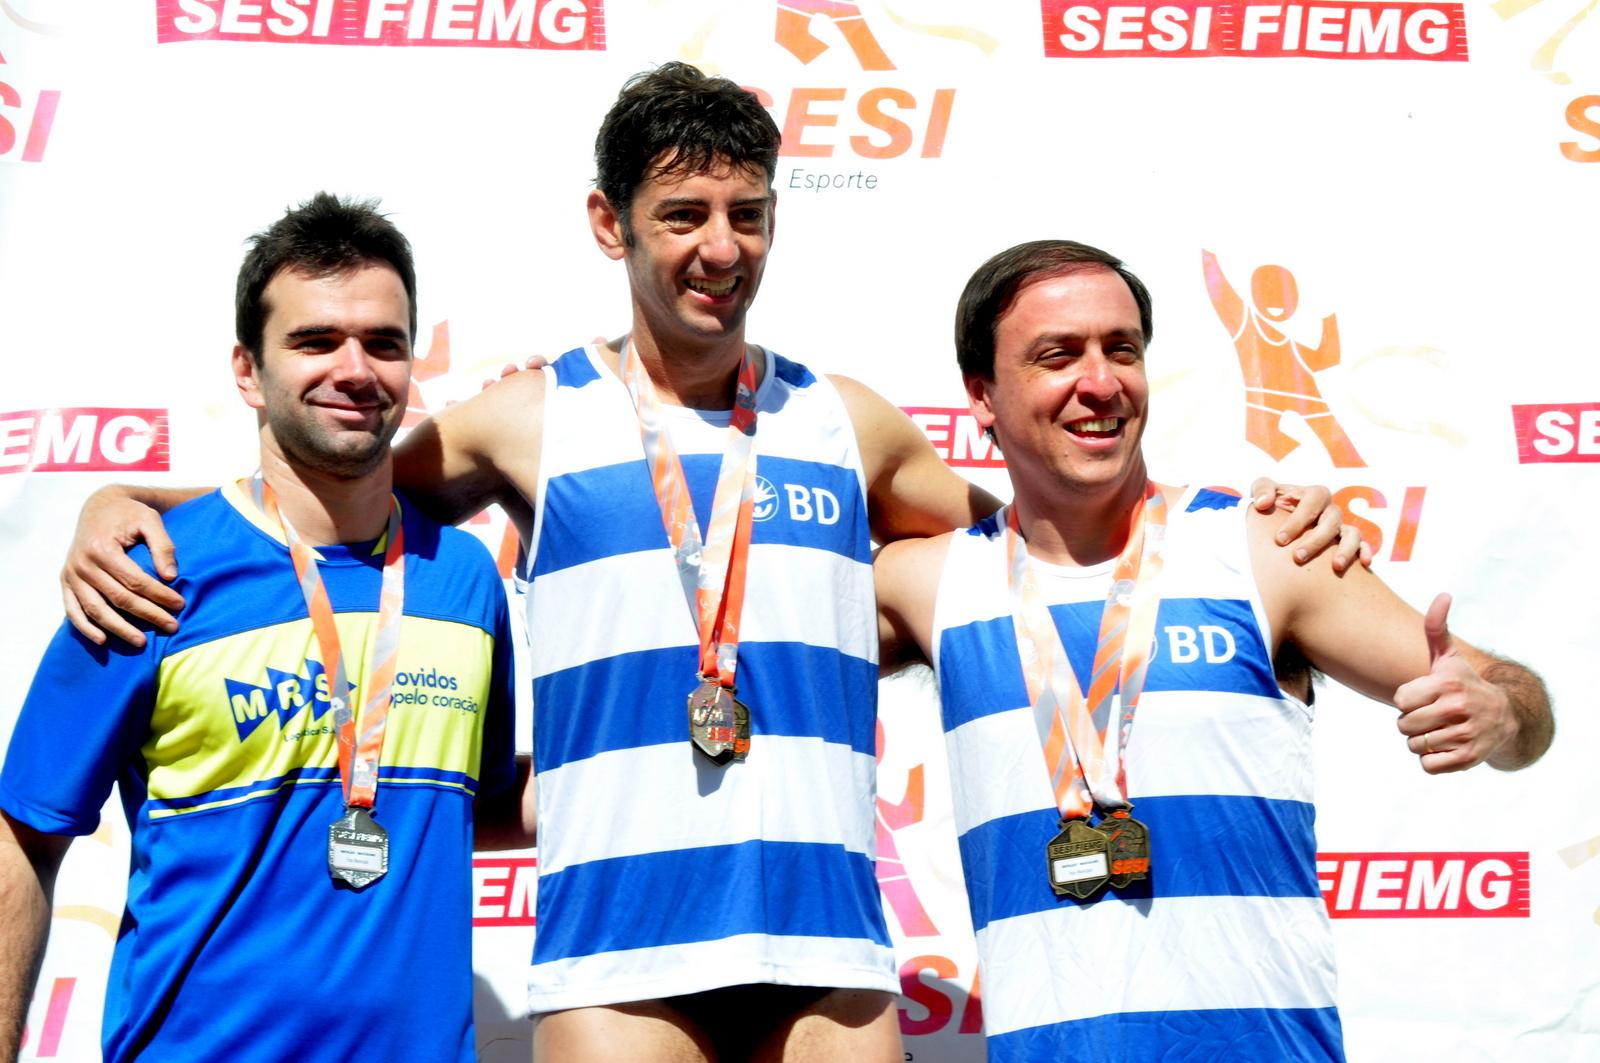 Jogos Sesi: BD campeã na classificação geral